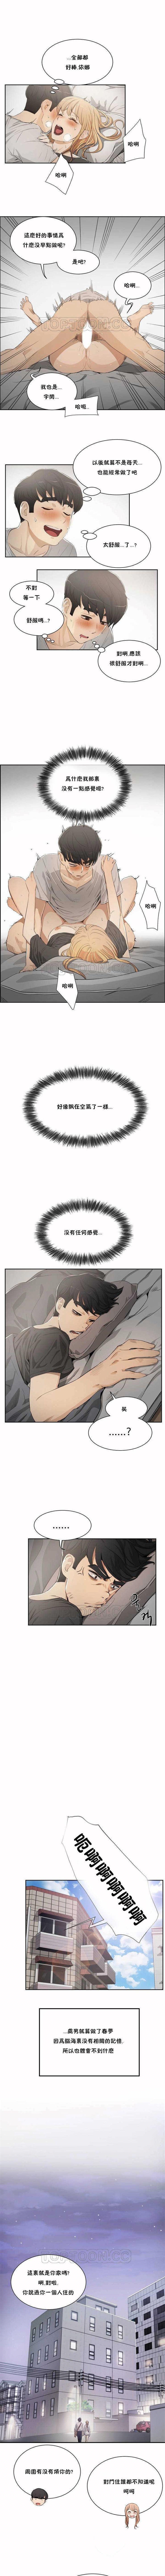 性教育 1-48.5 中文翻译(完結) 15